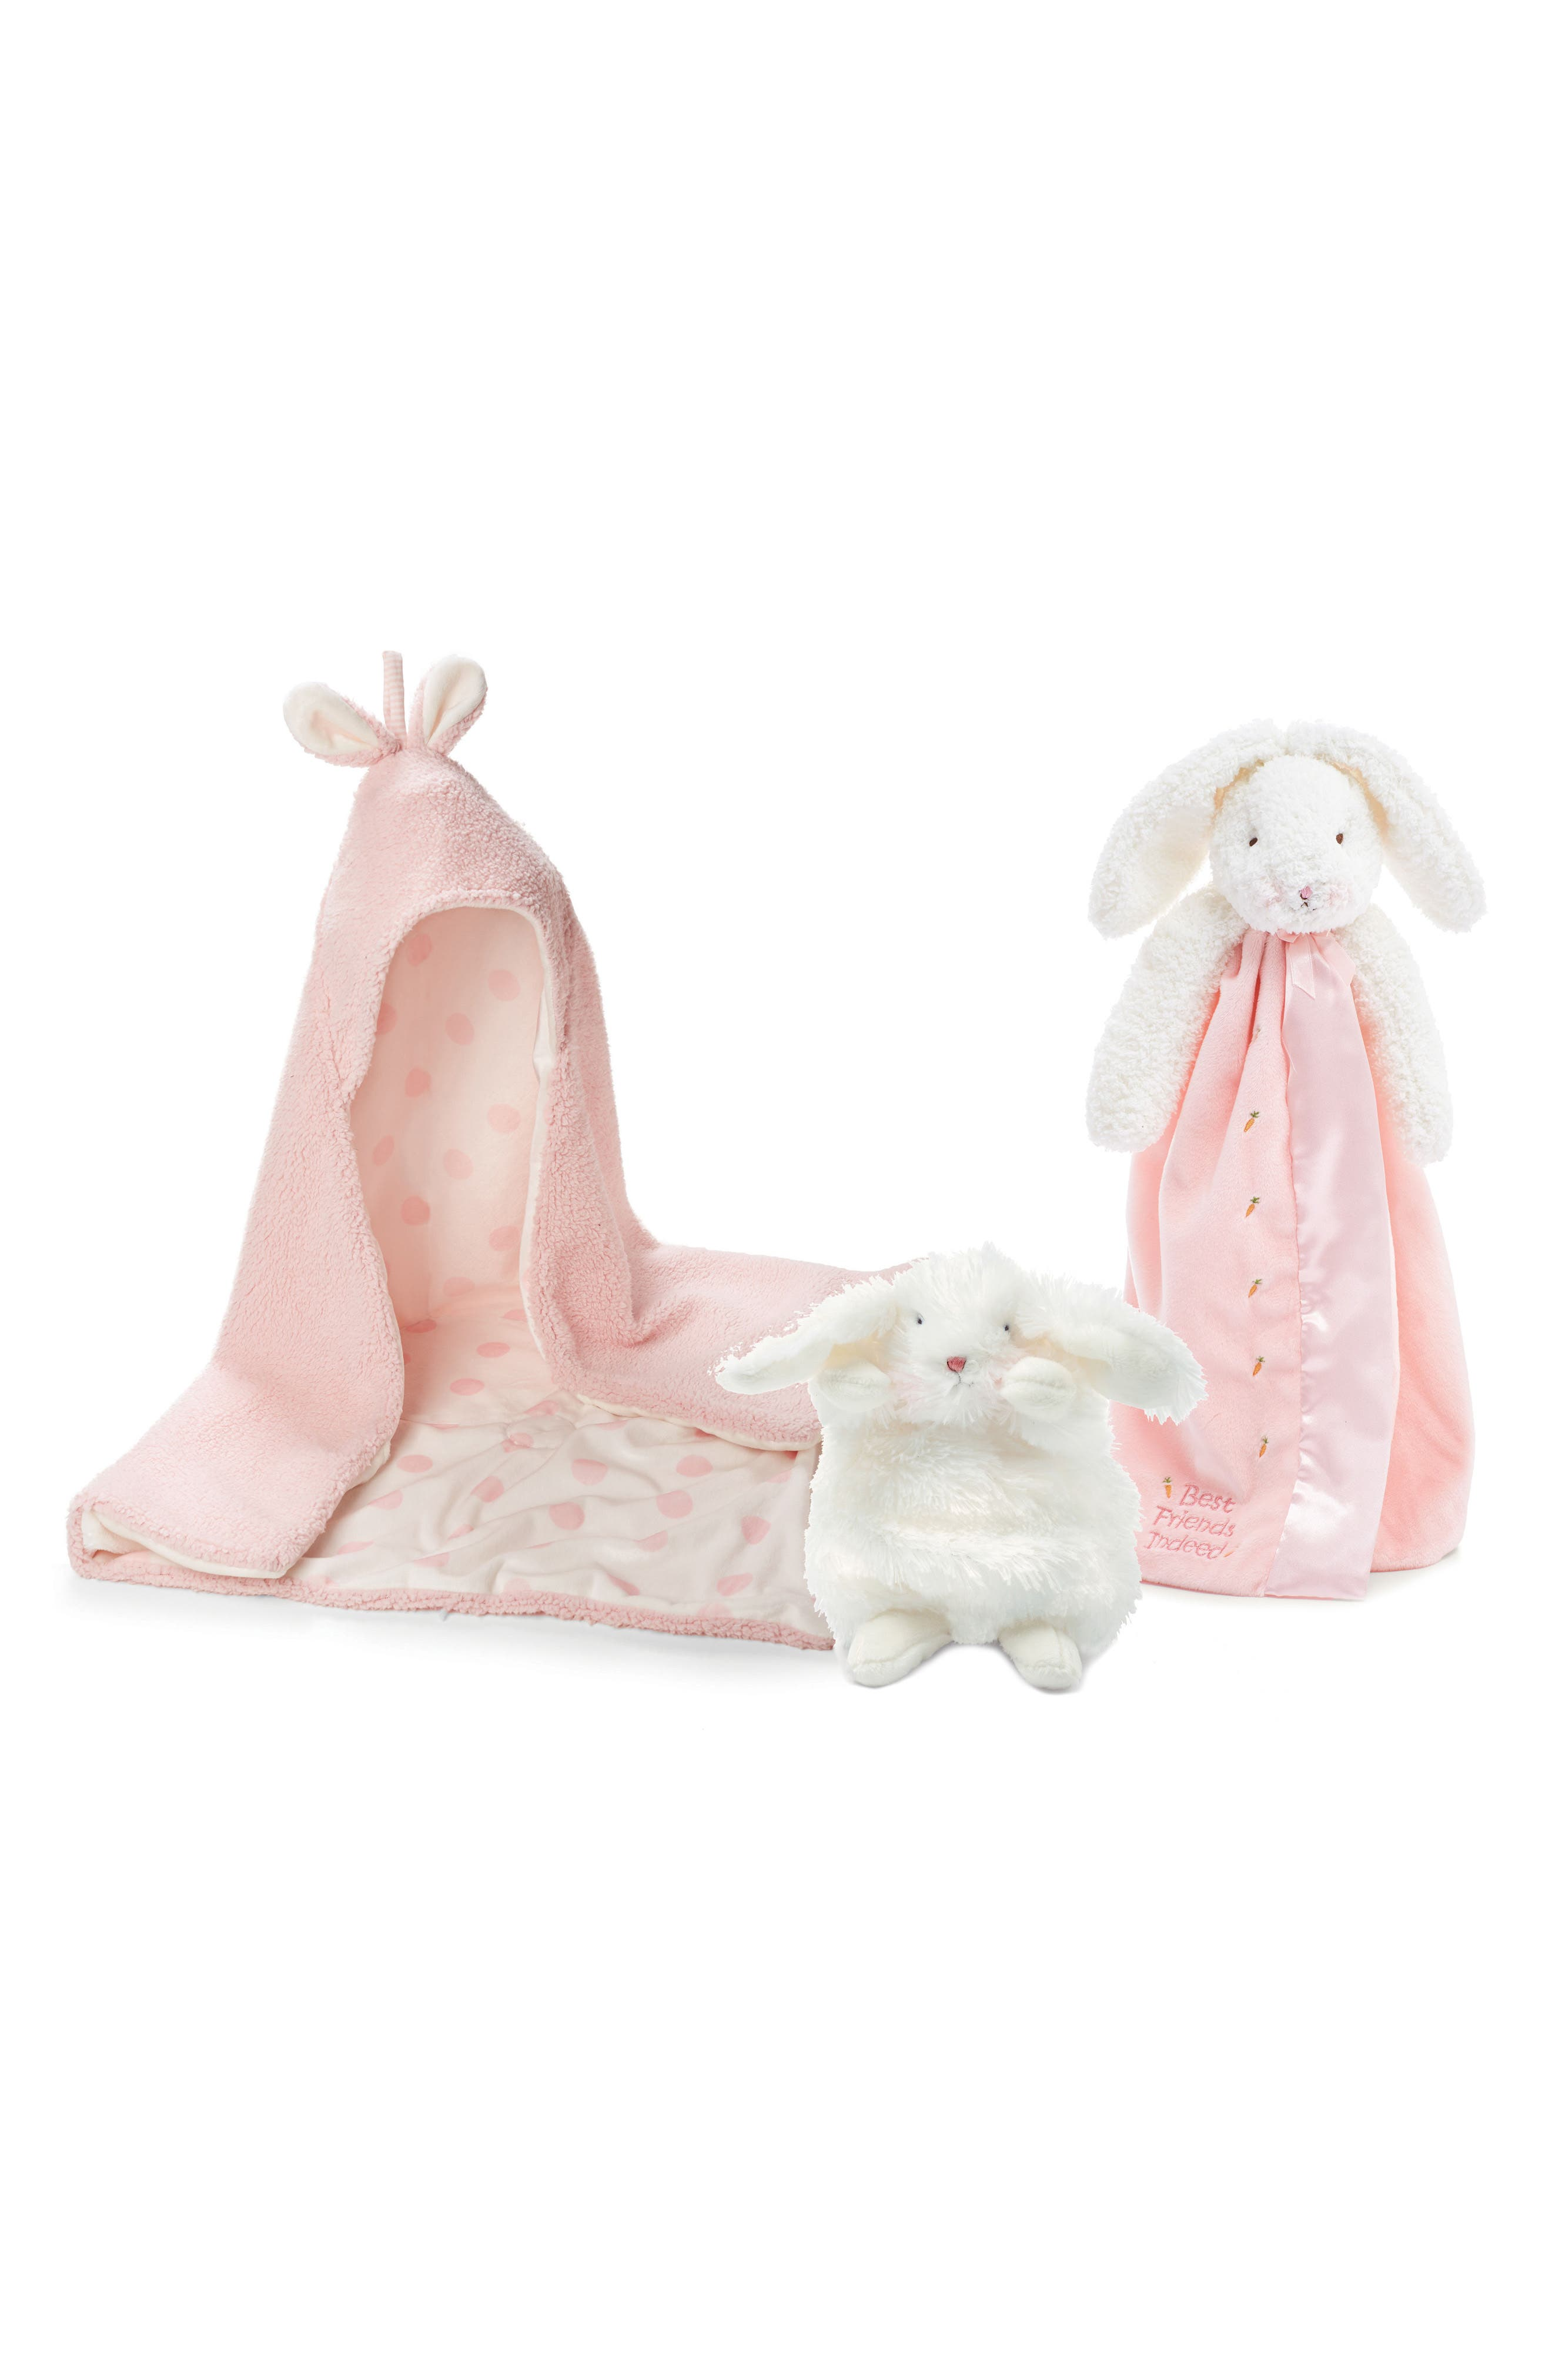 Bunnies By The Bay Hooded Blanket, Lovie & Stuffed Animal Set